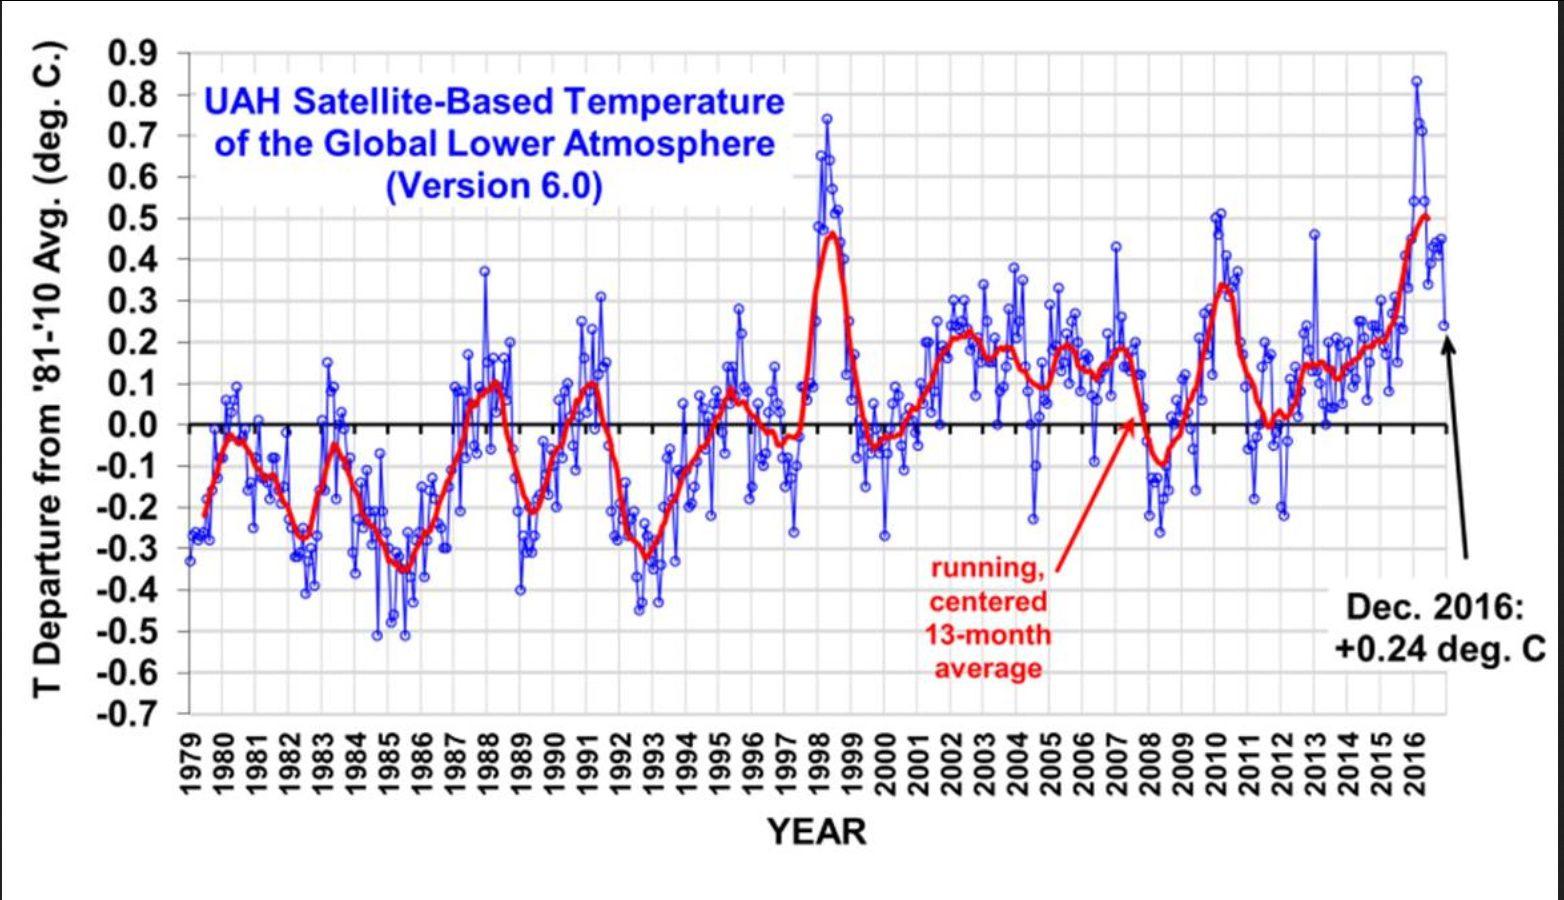 Die UAH-Grafik zeigt die monatlichen Abweichungen (blaue Linie) der globalen Temperaturen der unteren Troposphäre mit Schwerpunkt um 1500 m (TLT) sowie den laufenden Dreizehnmonatsdurchschnitt (rote Linie) von Dezember 1998 bis Dezember 2016. Wegen eines kräftigen global zeitversetzt wärmenden El Niño-Ereignisses ab Sommer 2015 gab es auch bei den unverfälschten Datensätzen von UAH nach Monats-Rekordwerten von November 2015 bis März 2016 ab Juni einen deutlichen Rückgang auf 0,34 K gegenüber den Vormonaten Mai und April. Im Juli und August 2016 stagniert die globale Abkühlung mit einem geringen Anstieg auf 0,44 K Abweichung vorübergehend, Quelle: